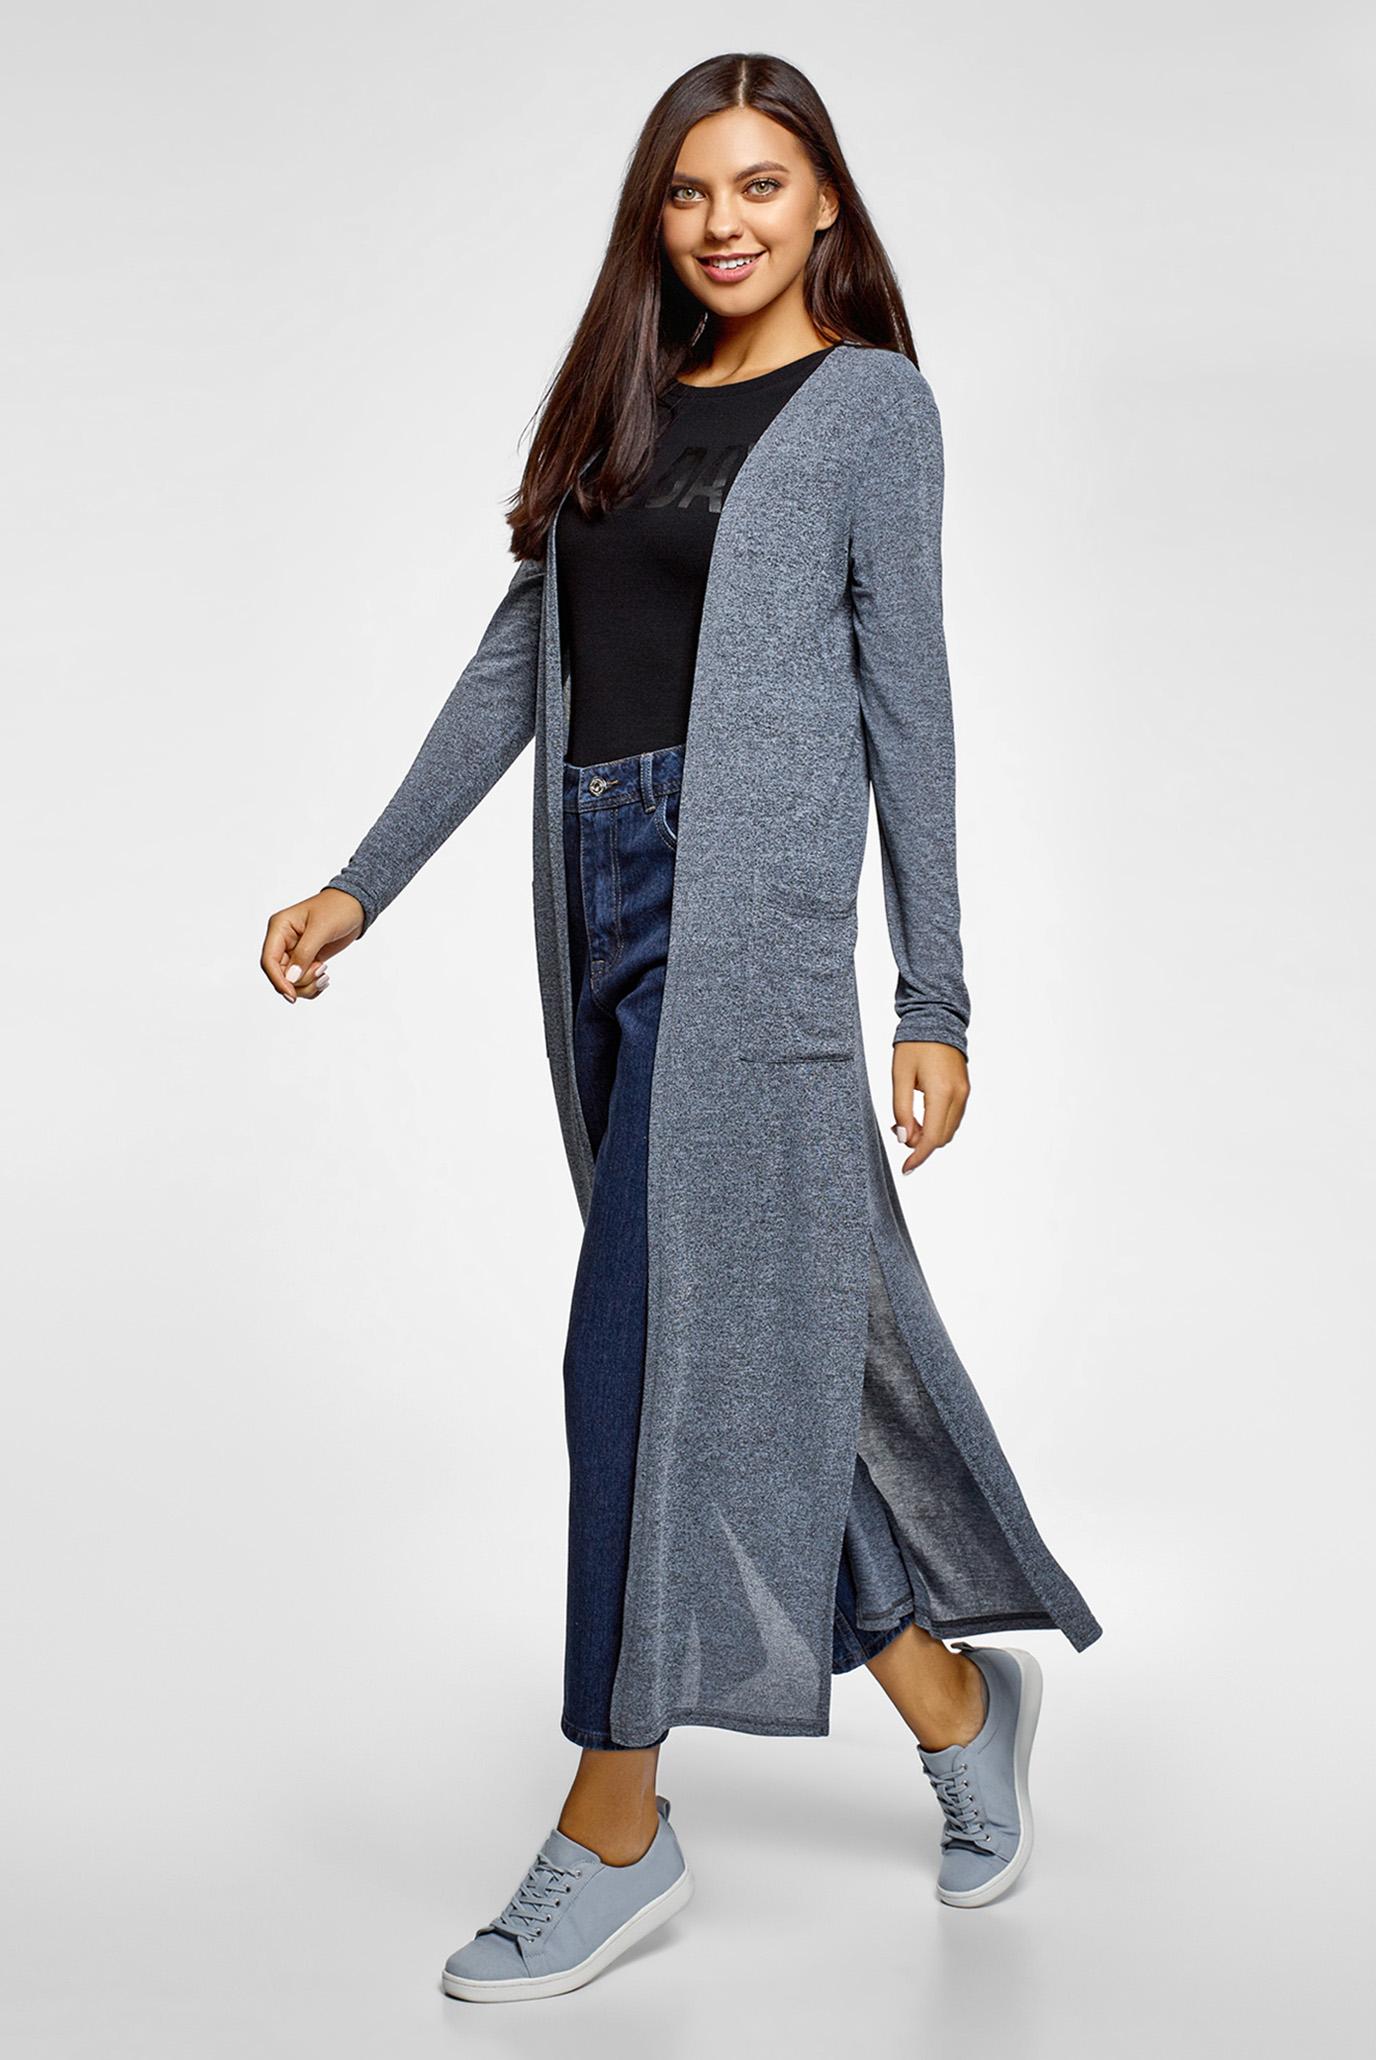 Купить Женские темно-синие джинсы Mom Fit Oodji Oodji 12105110/45254/7900W – Киев, Украина. Цены в интернет магазине MD Fashion